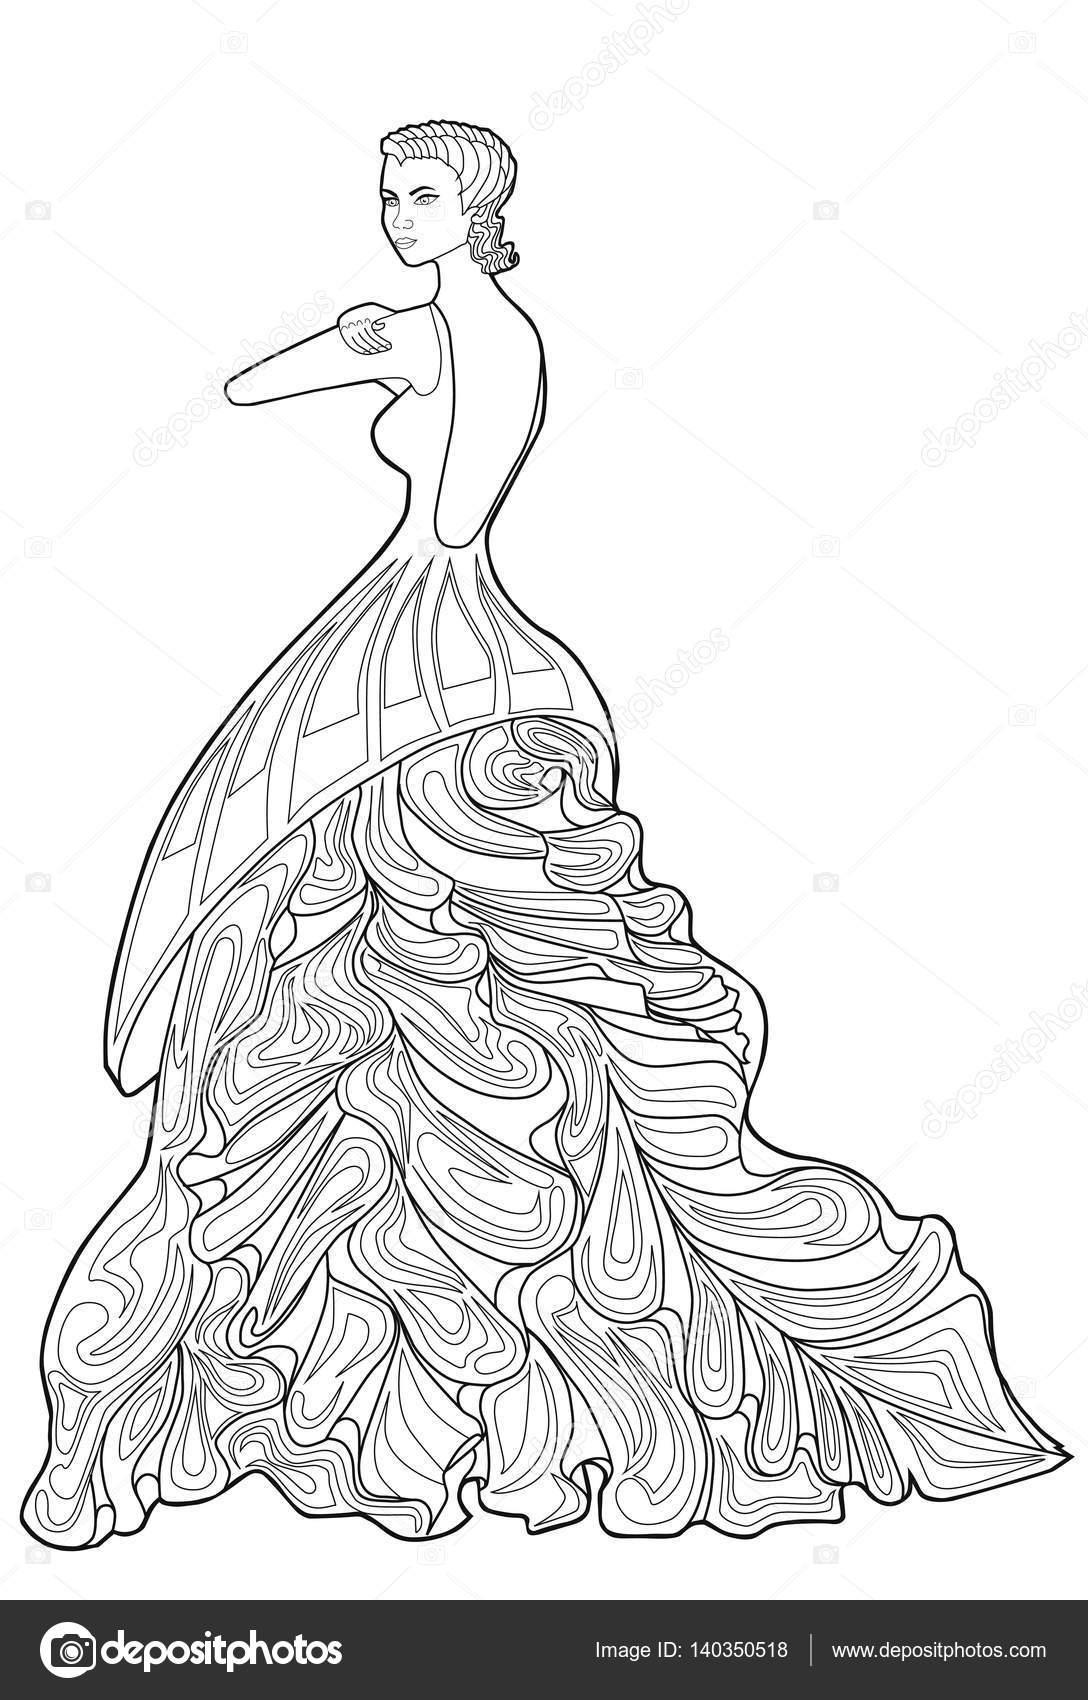 boek kleurplaat voor volwassenen vrouw in een lange jurk